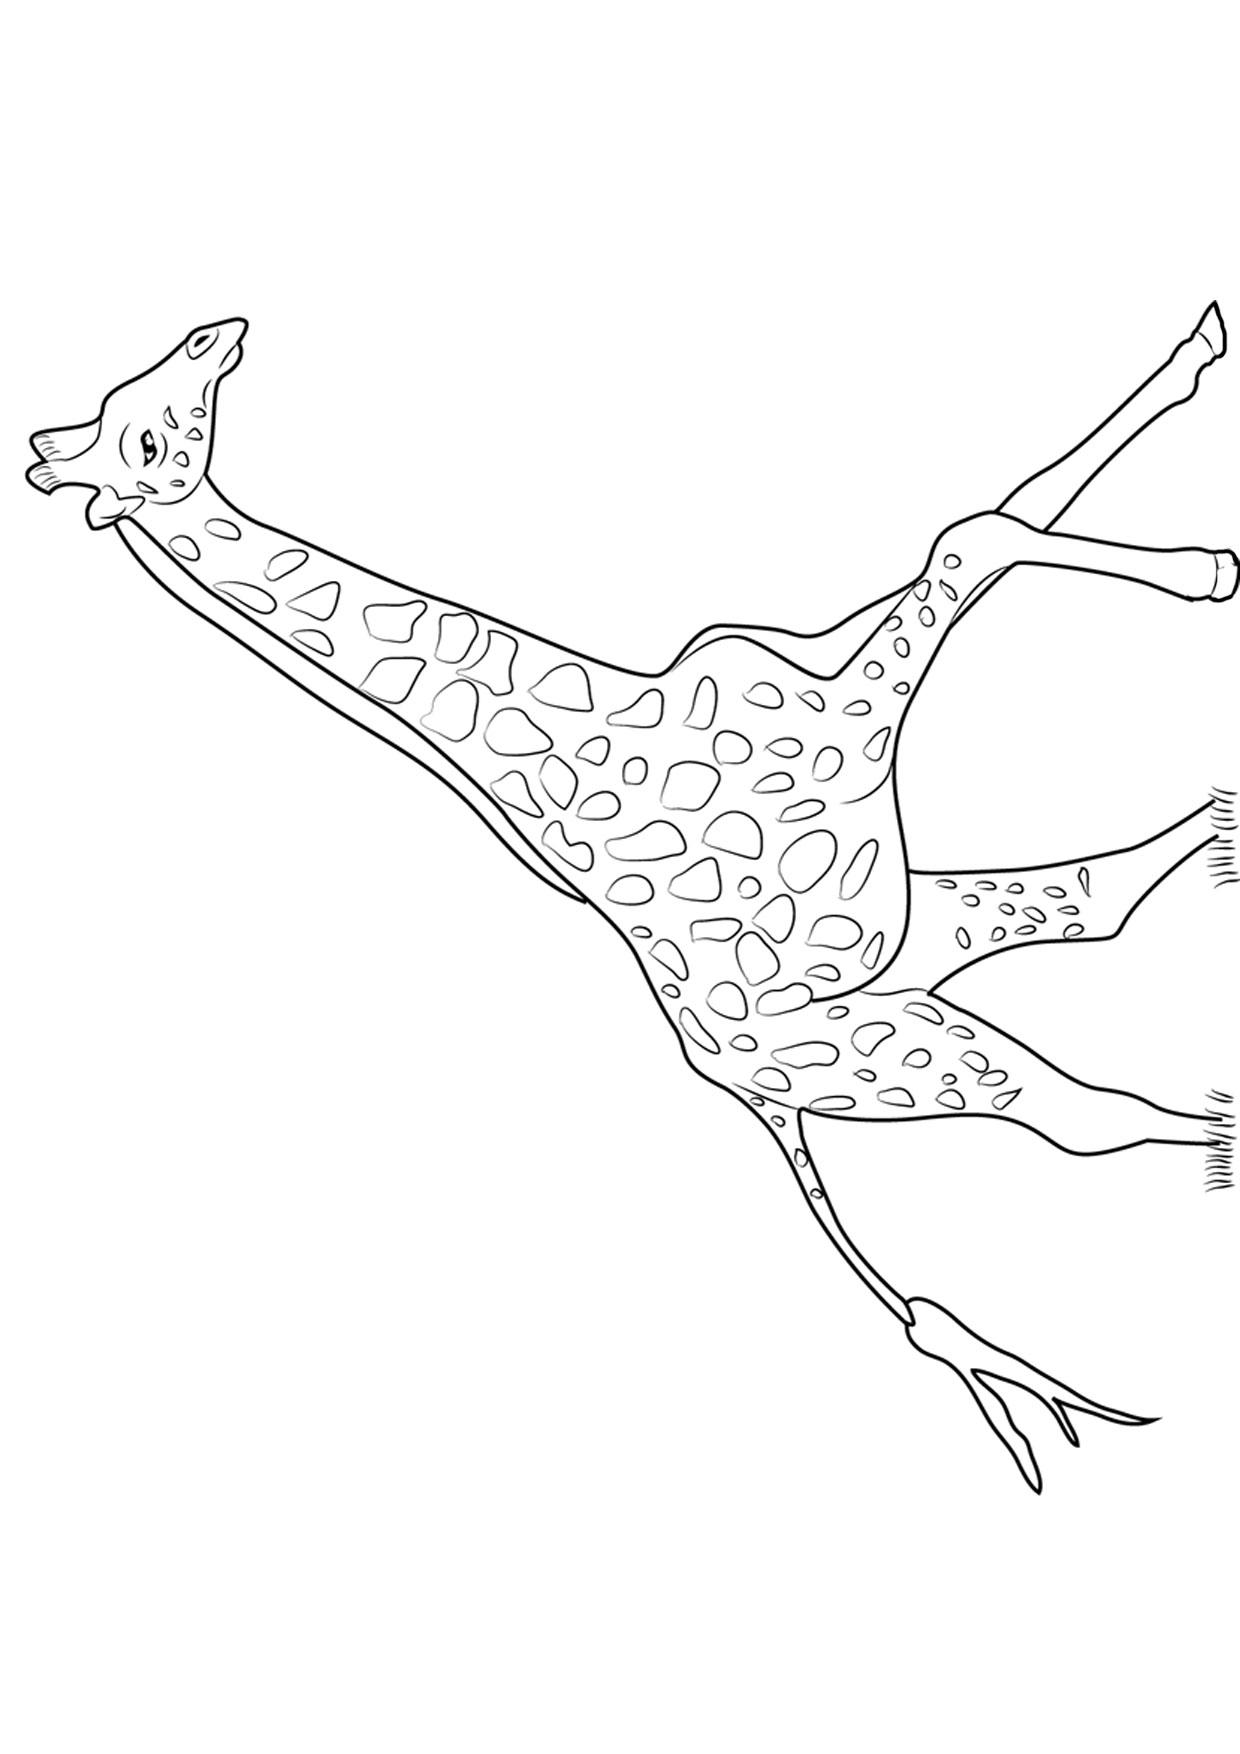 Disegno di giraffa 07